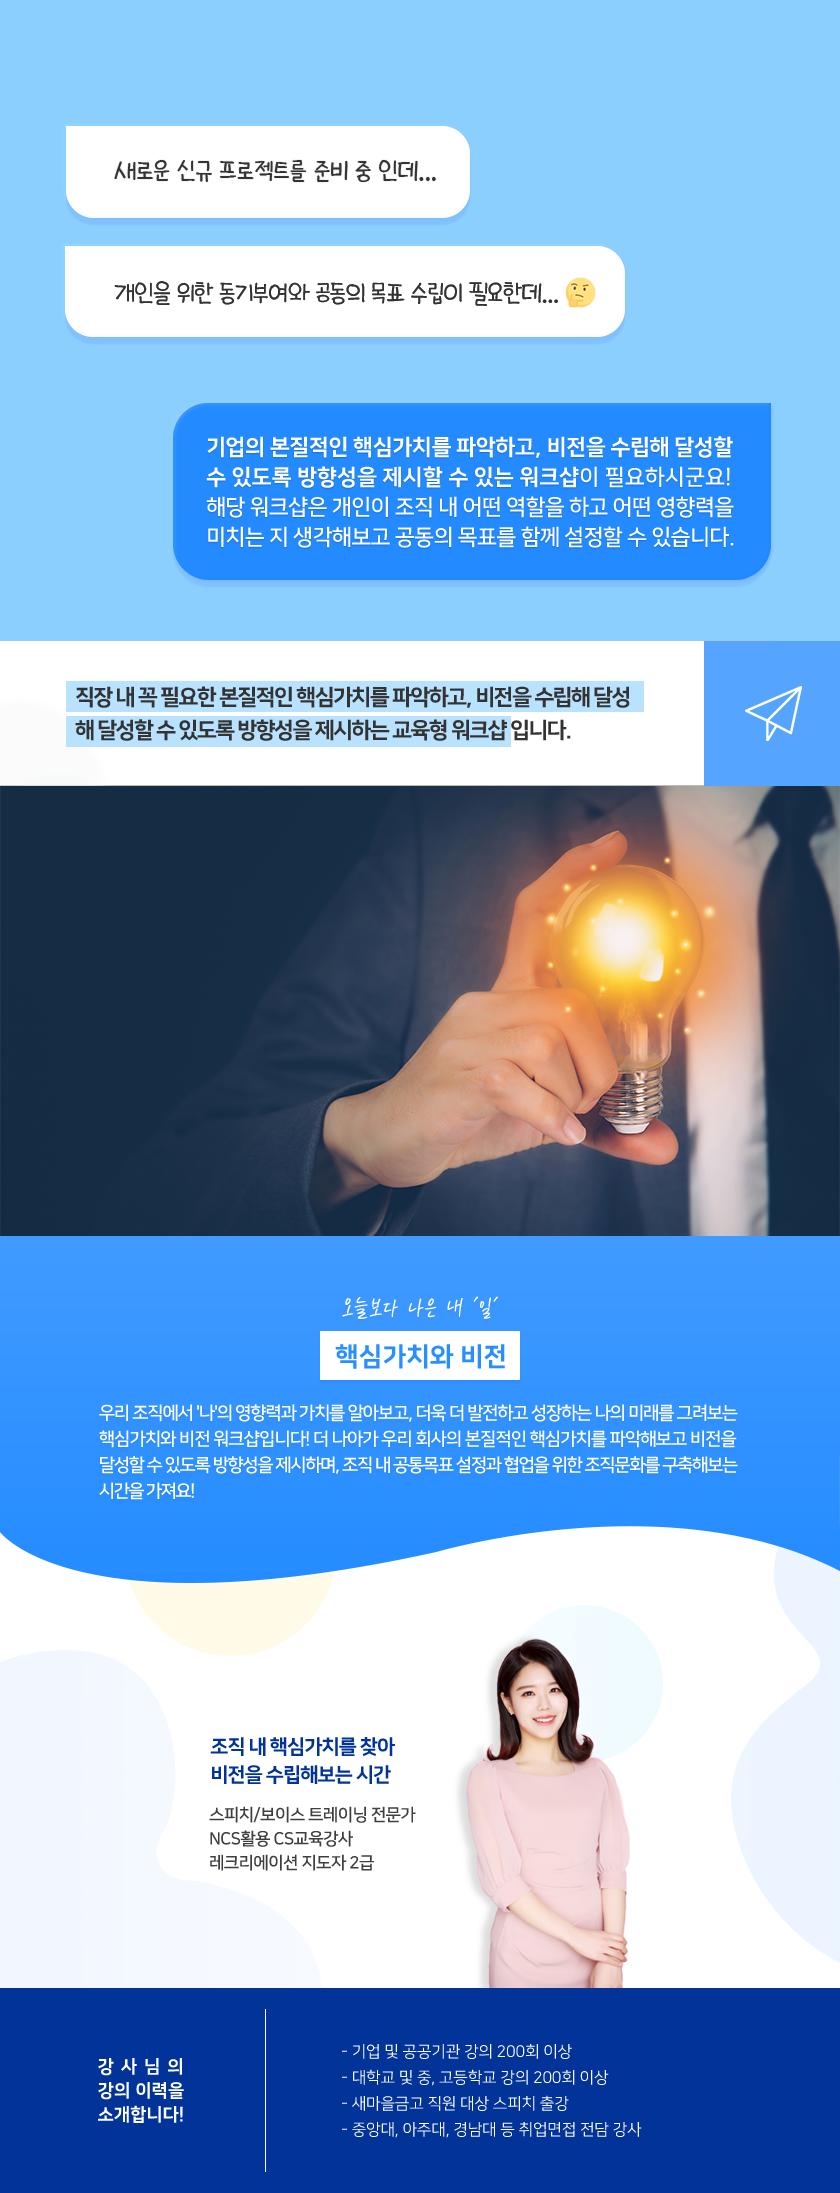 비전 LIVE 상세소개 | 이너트립